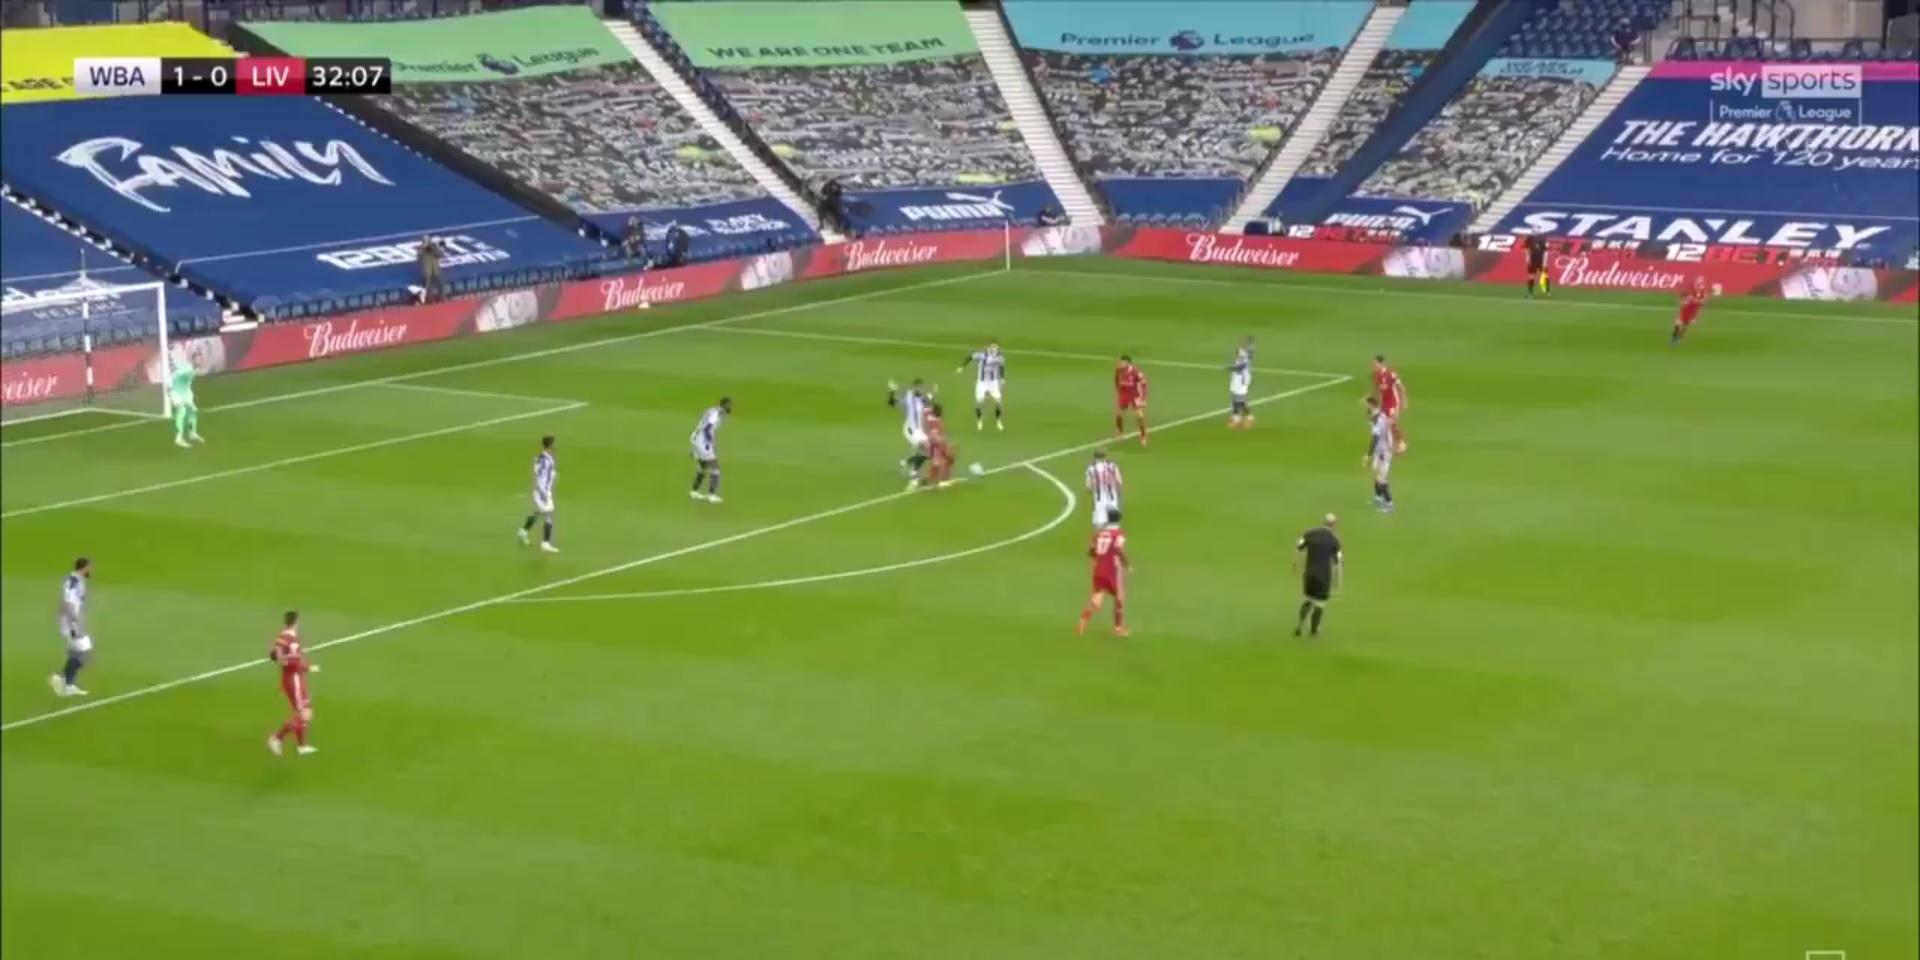 (Video) Salah bags wondergoal from absolutely nothing as Mane registers assist